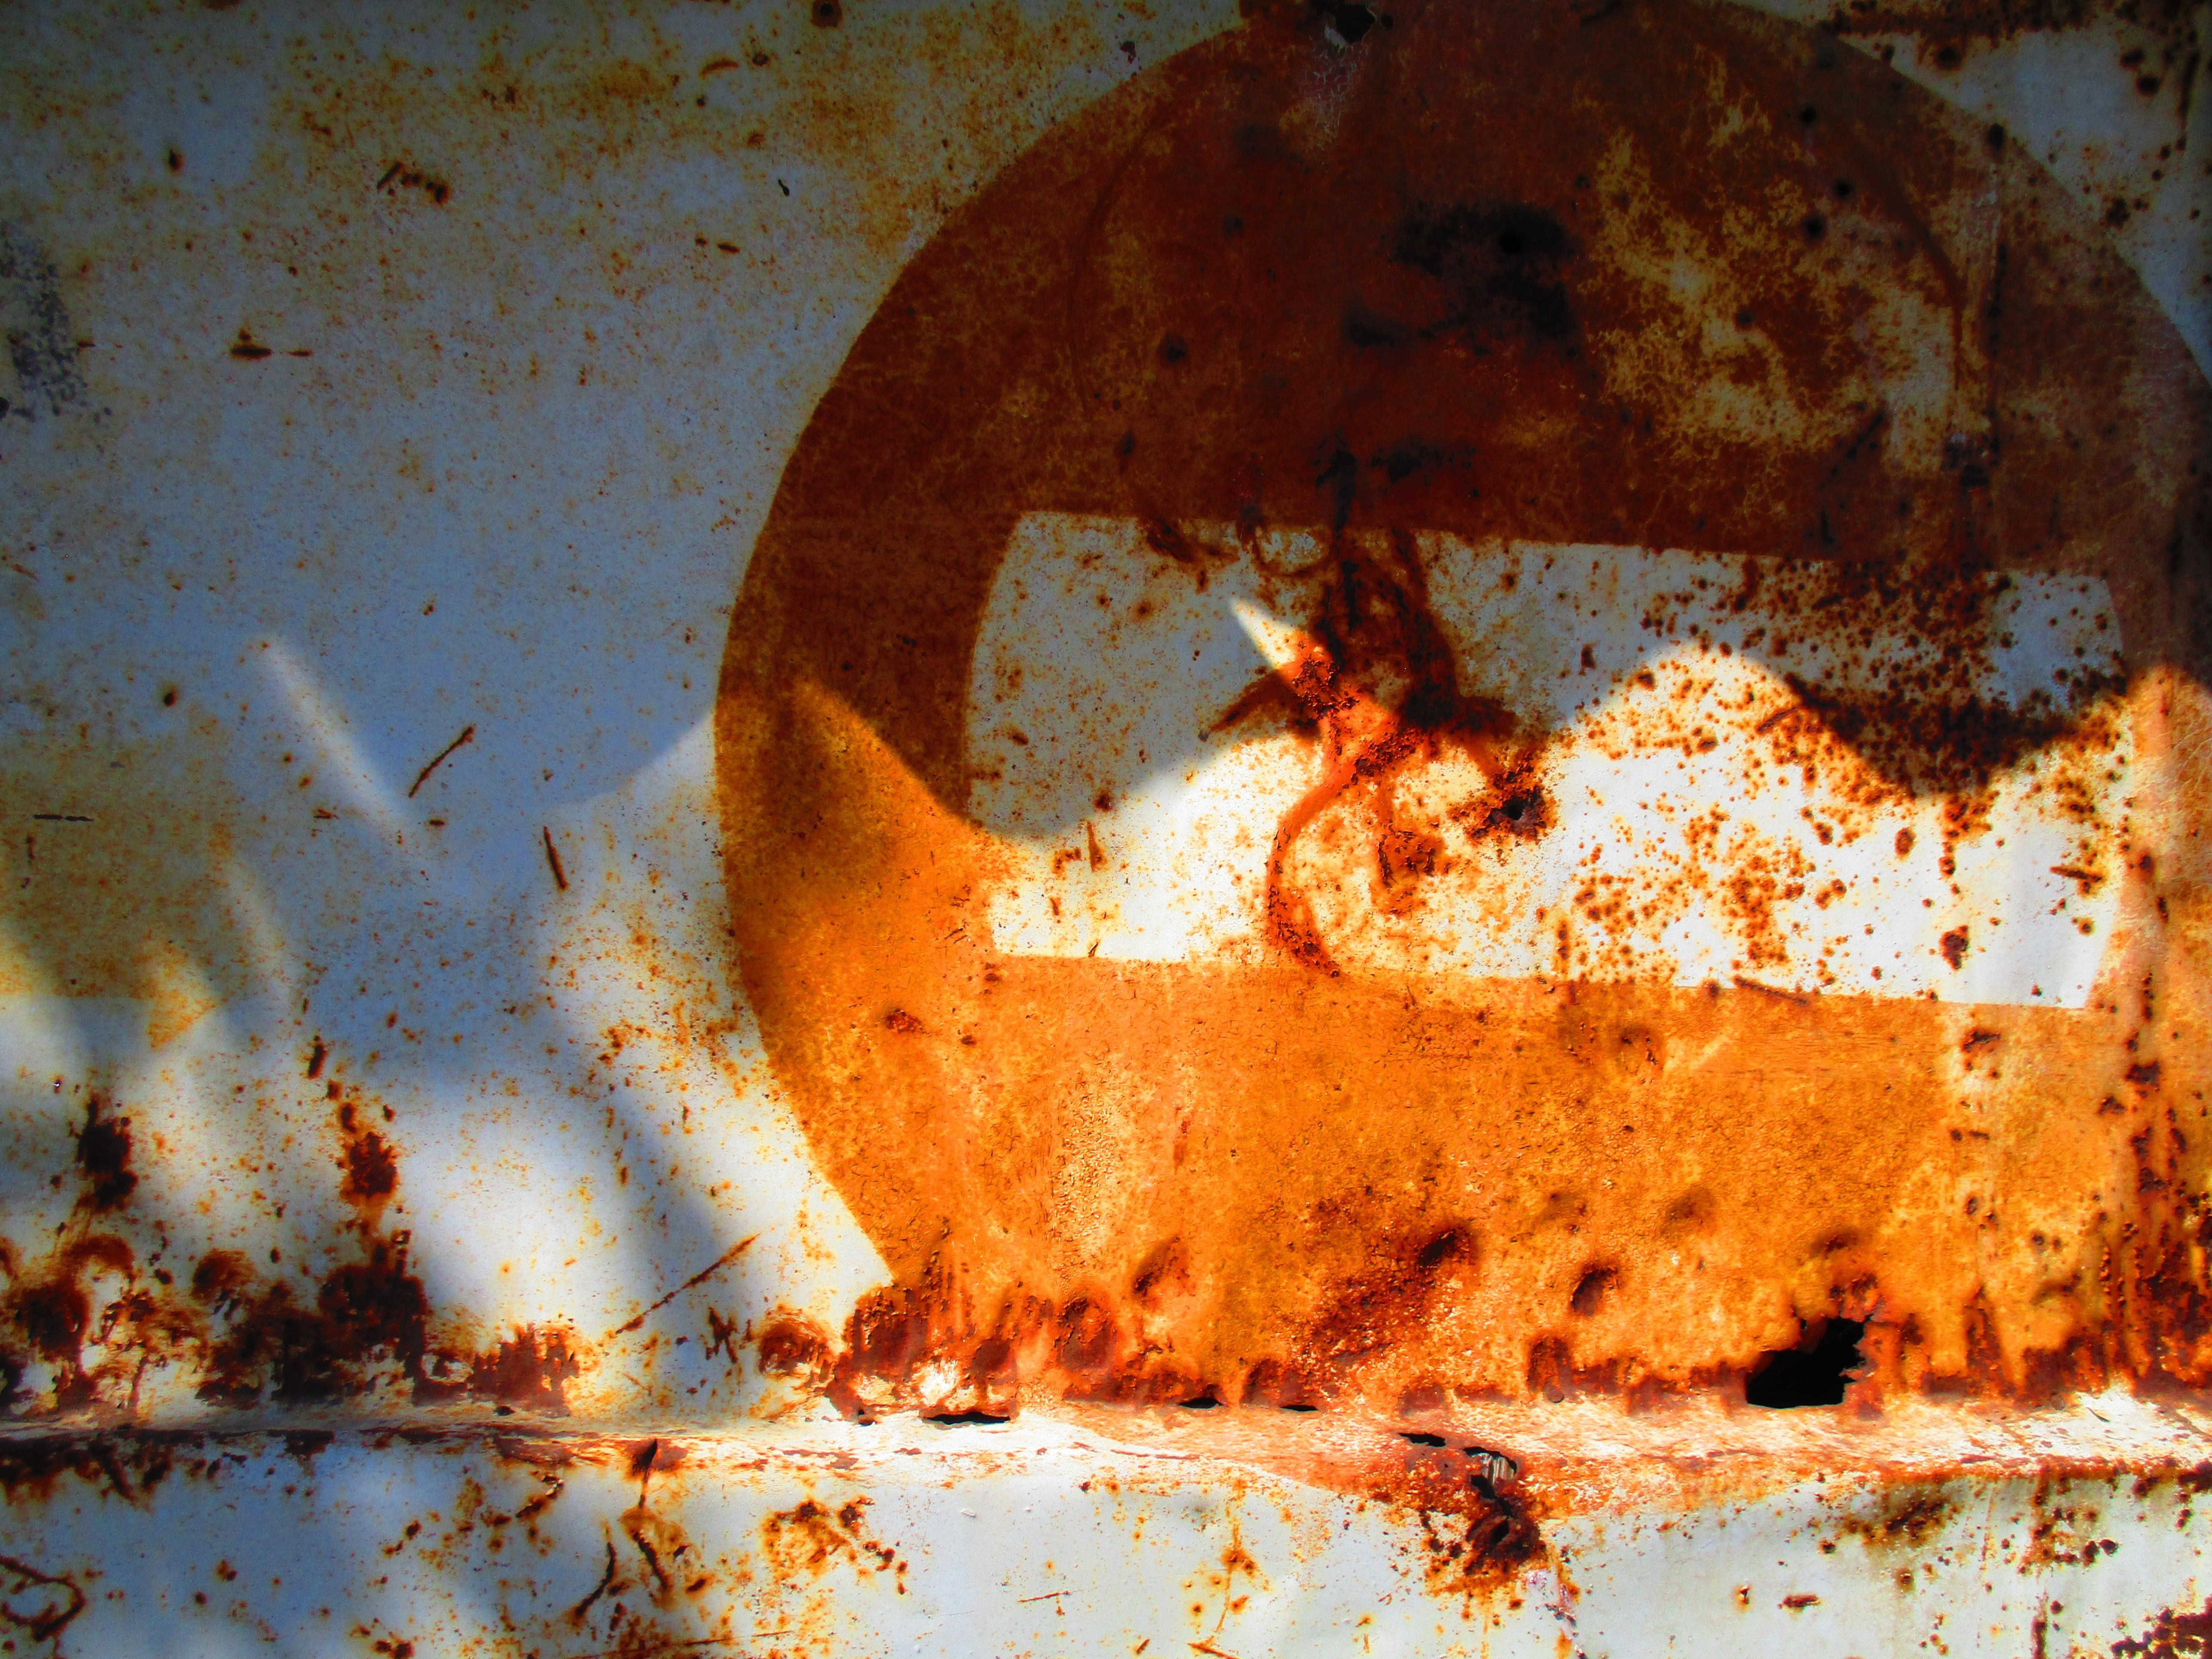 Fotos gratis : textura, firmar, moho, fuego, explosión, material ...